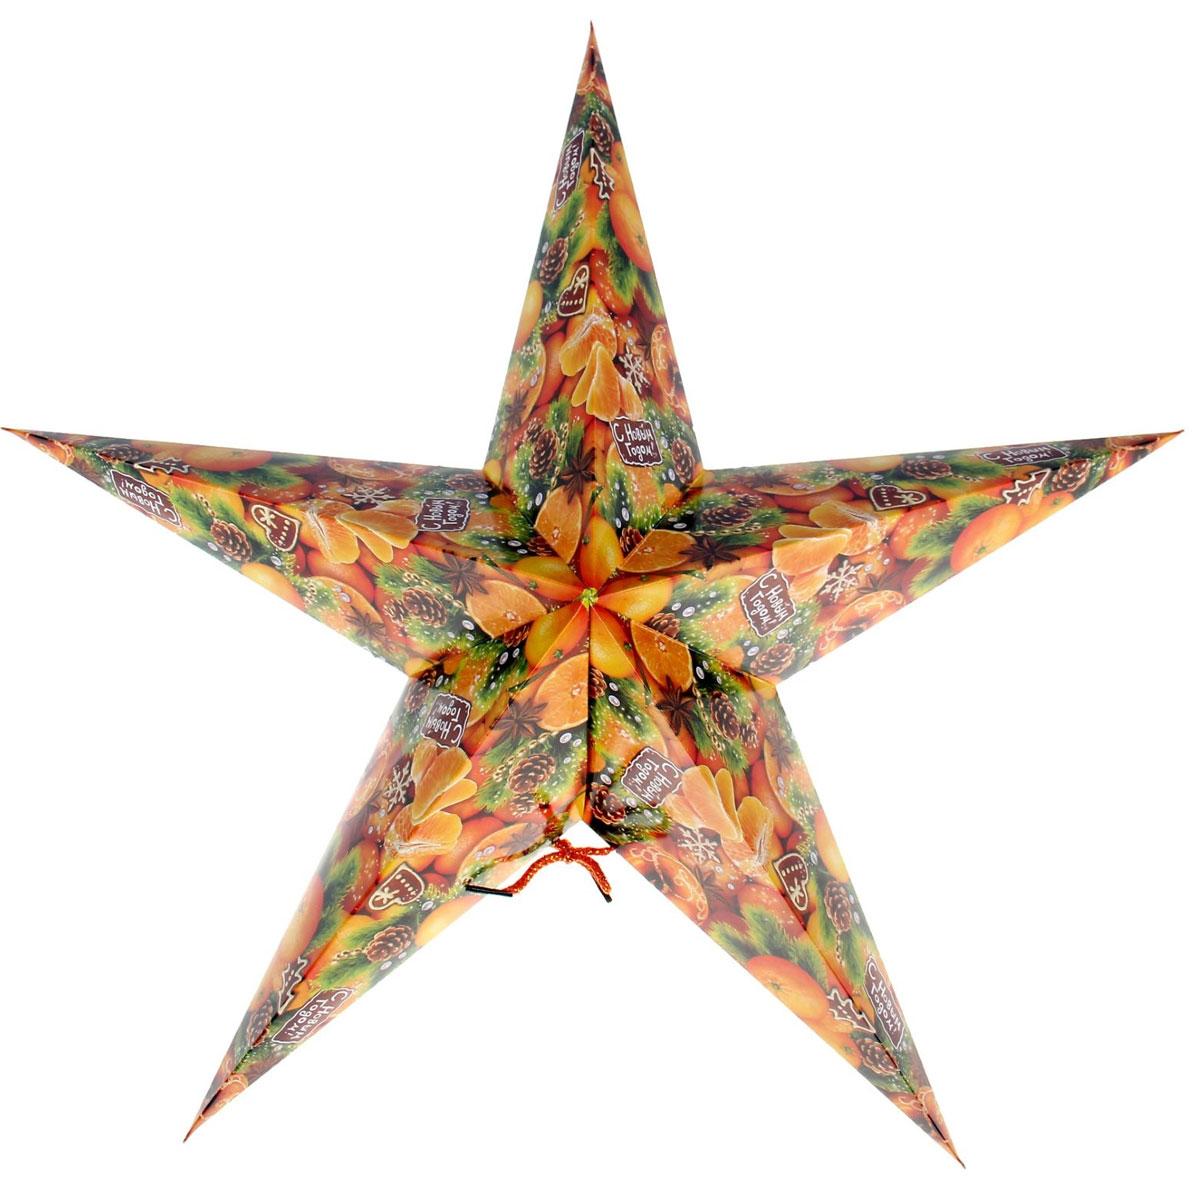 Новогоднее подвесное украшение Sima-land Звезда. С новым счастьем!, 64 х 64 х 25 см1117832Подвесное украшение Sima-land Звезда. С новым счастьем!, выполненное из картона, прекрасно подойдет для праздничного декора интерьера. С помощью шнурка его можно повесить в любом понравившемся вам месте. Новогодние украшения несут в себе волшебство и красоту праздника. Они помогут вам украсить дом к предстоящим праздникам и оживить интерьер по вашему вкусу. Создайте в доме атмосферу тепла, веселья и радости, украшая его всей семьей.